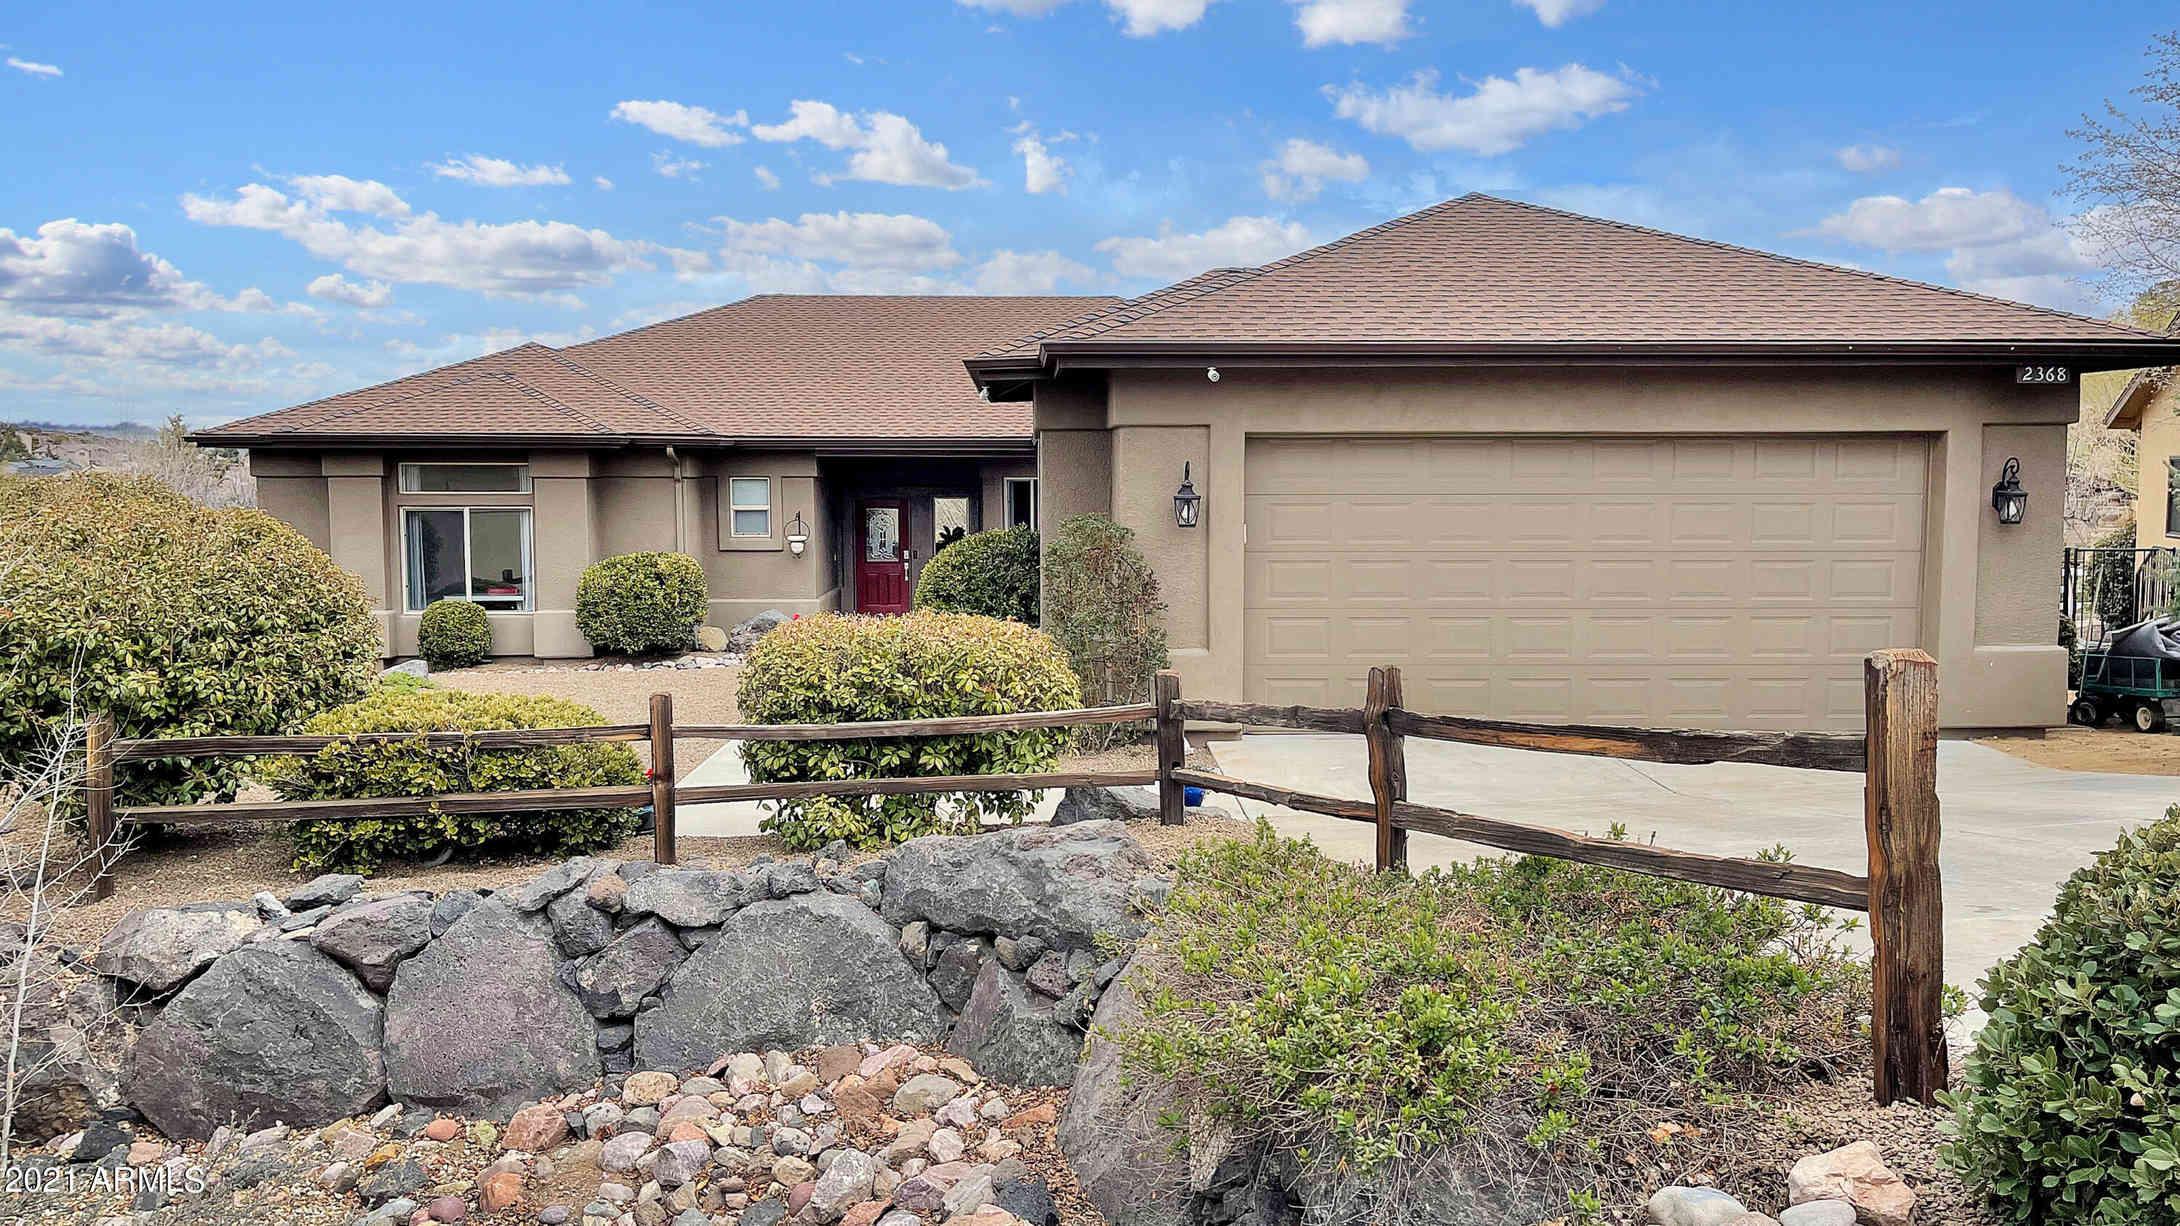 2368 JUNIPER RIDGE Circle, Prescott, AZ, 86301,